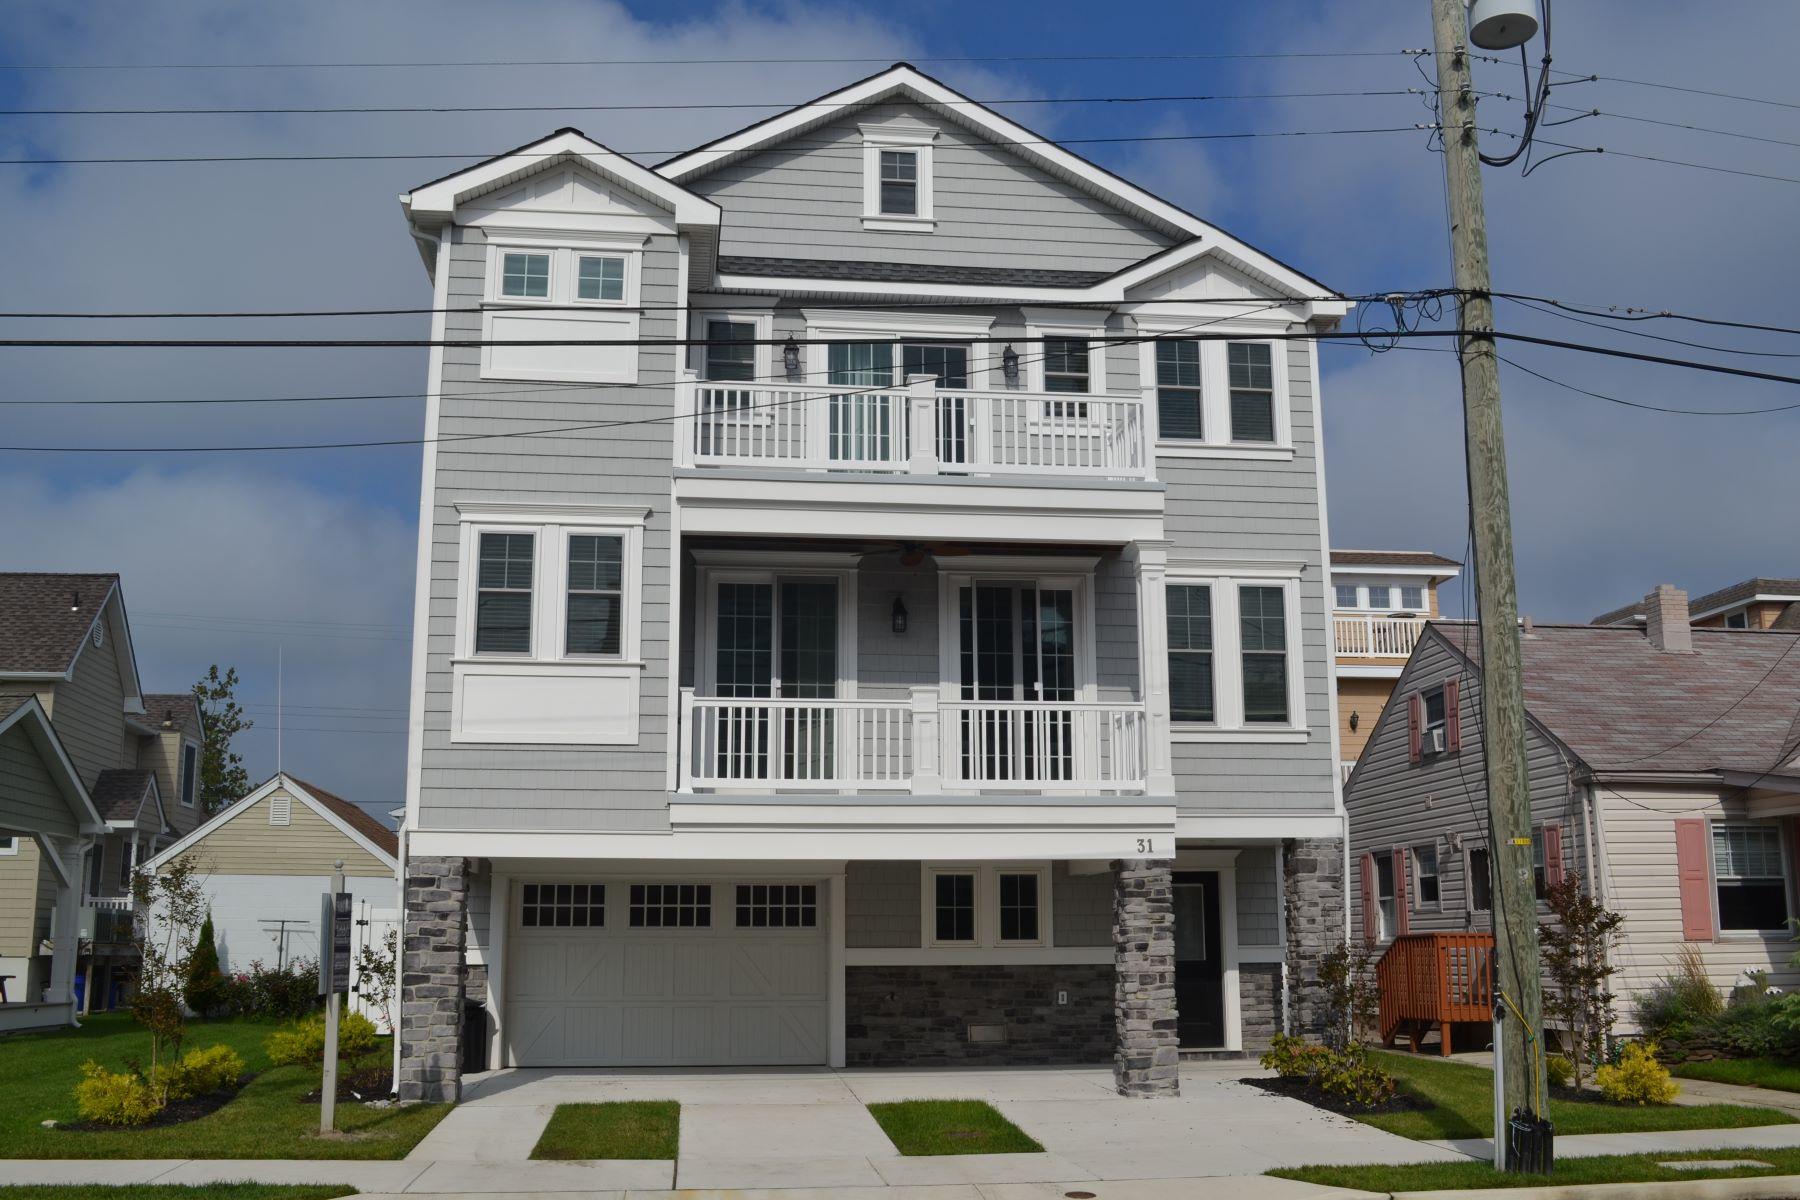 Частный односемейный дом для того Продажа на 31 N 33rd Ave Longport, Нью-Джерси 08403 Соединенные Штаты